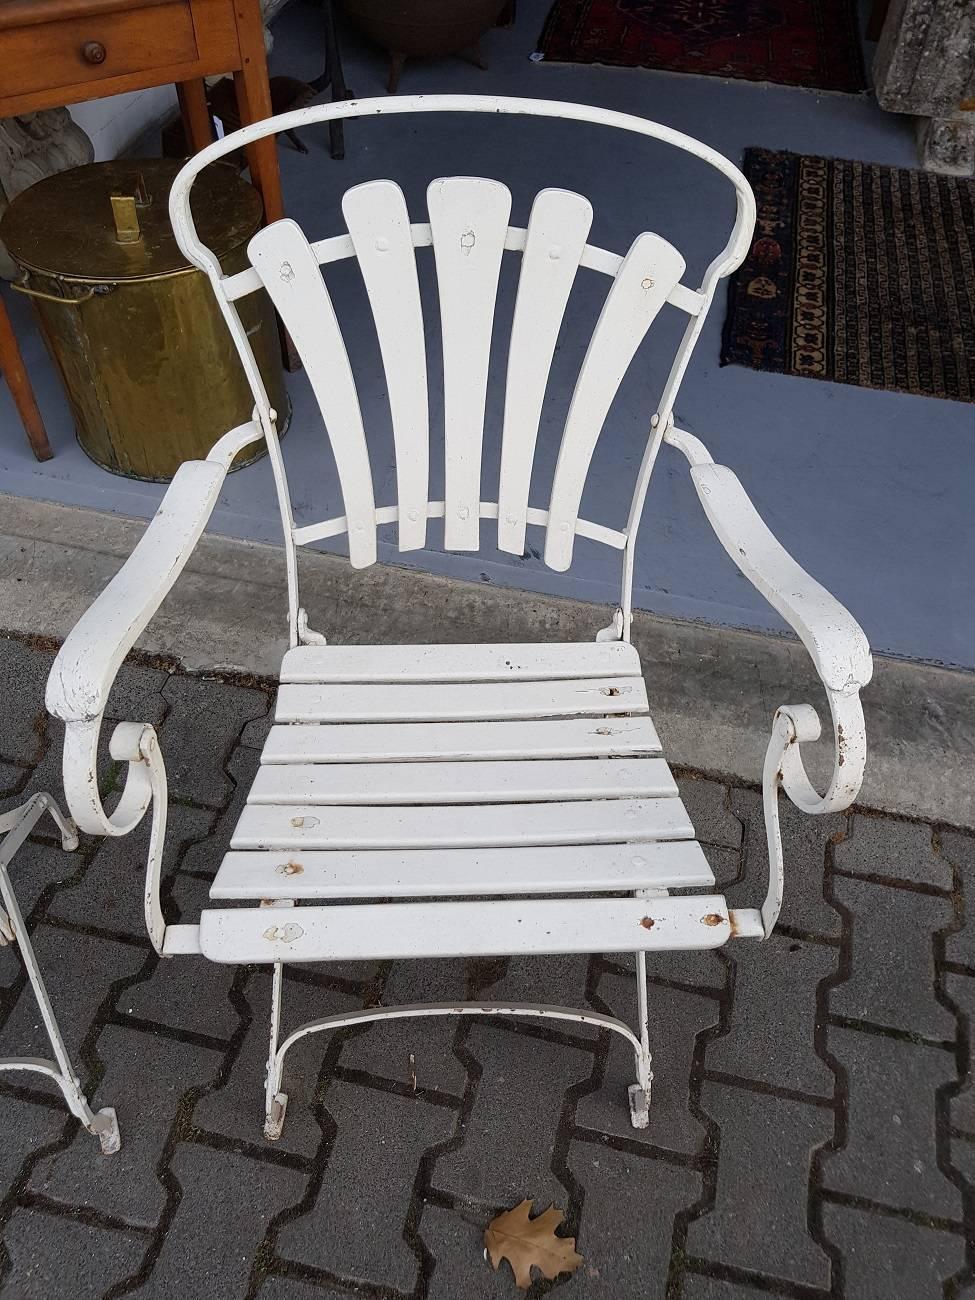 ... Dutch Outdoor Furniture Early 20th Century Dutch Art Nouveau Garden Set  Circa 1900 1910 For ...